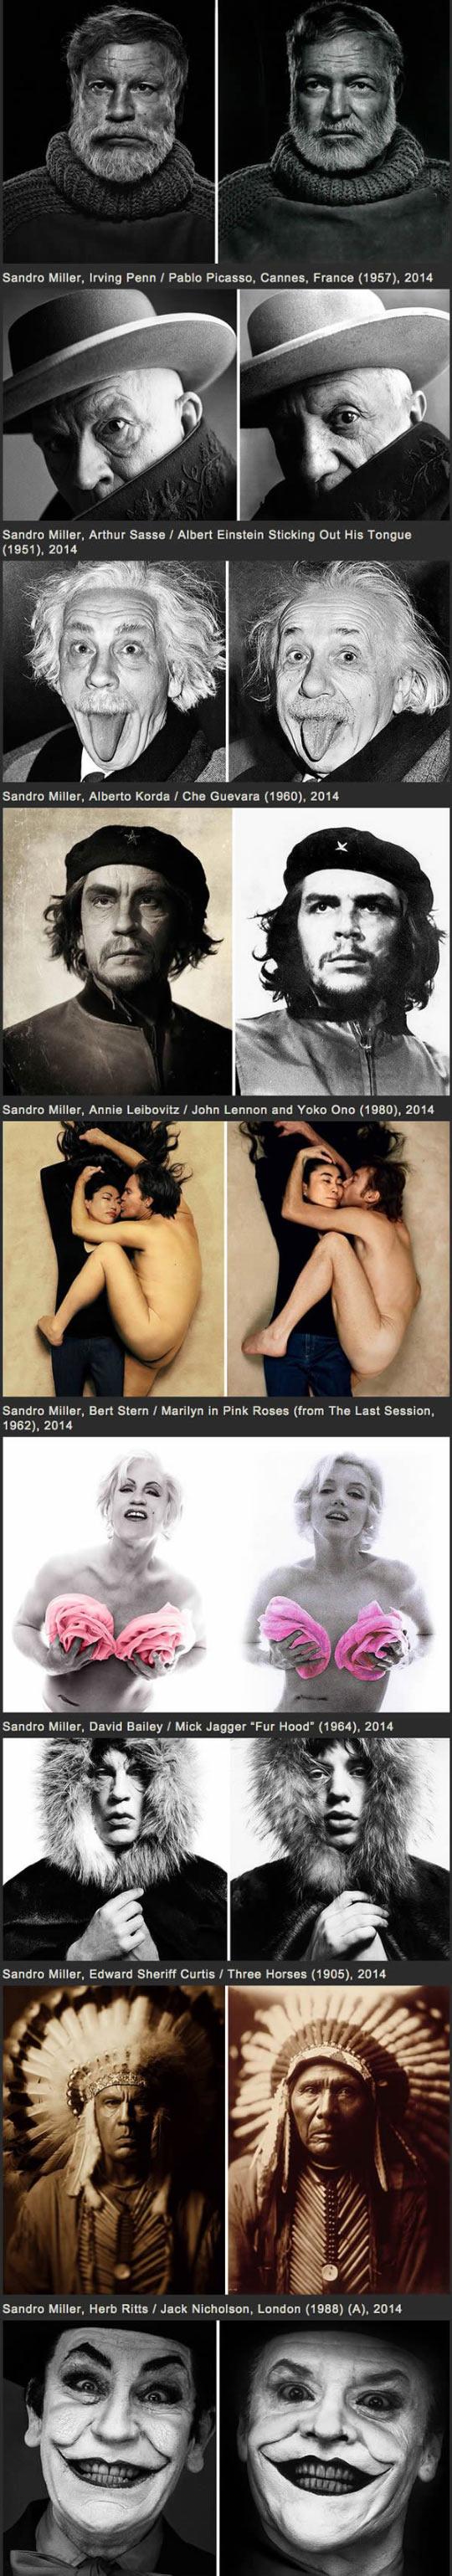 funny-John-Malkovich-famous-portrait-Warhol